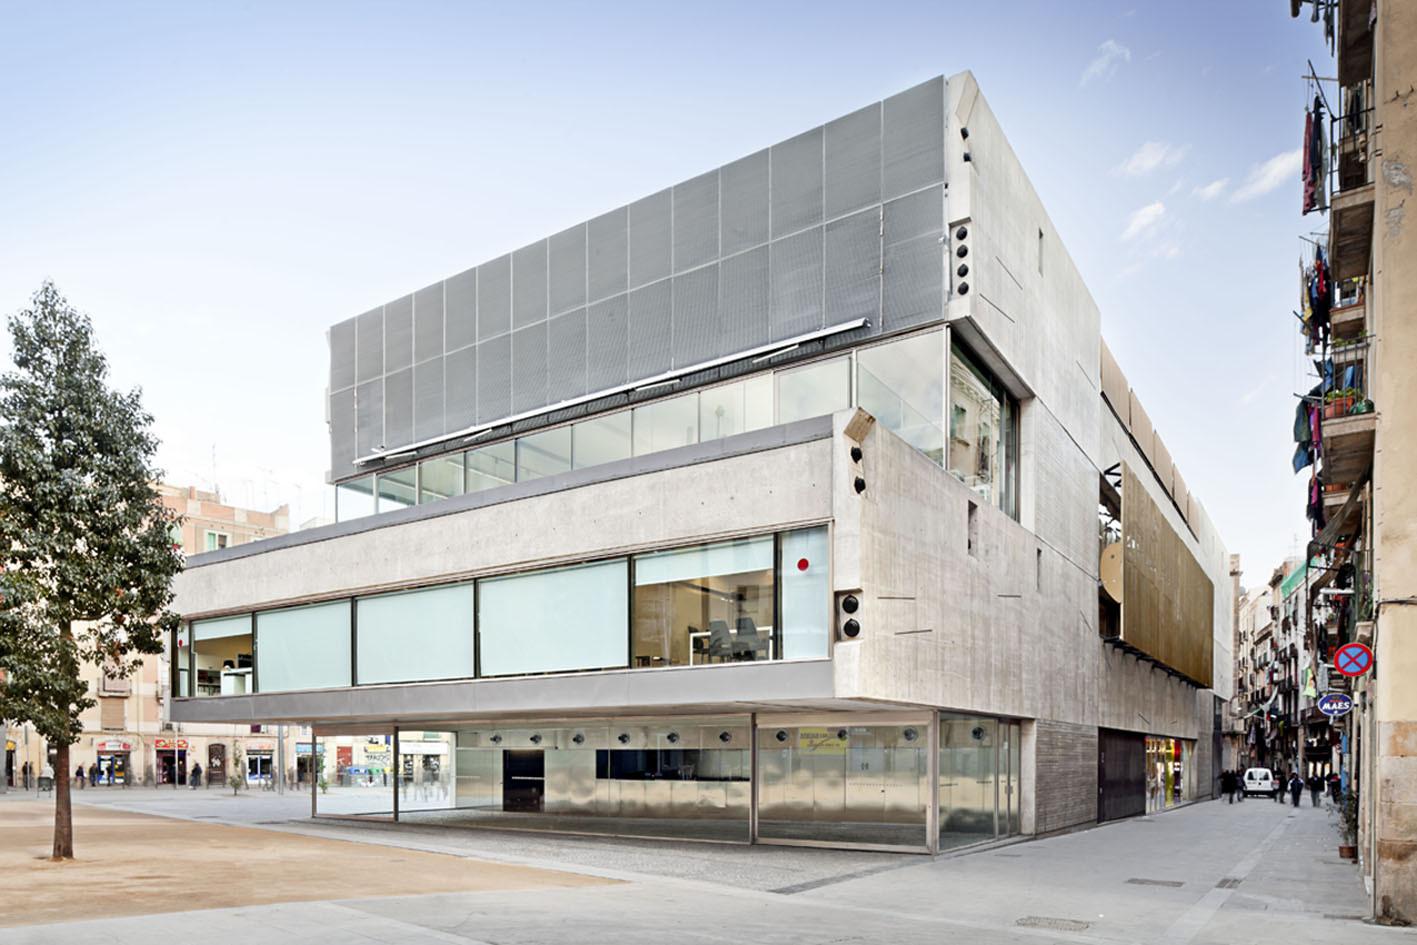 Film theatre of catalonia mateo arquitectura archdaily - Arquitectura barcelona ...